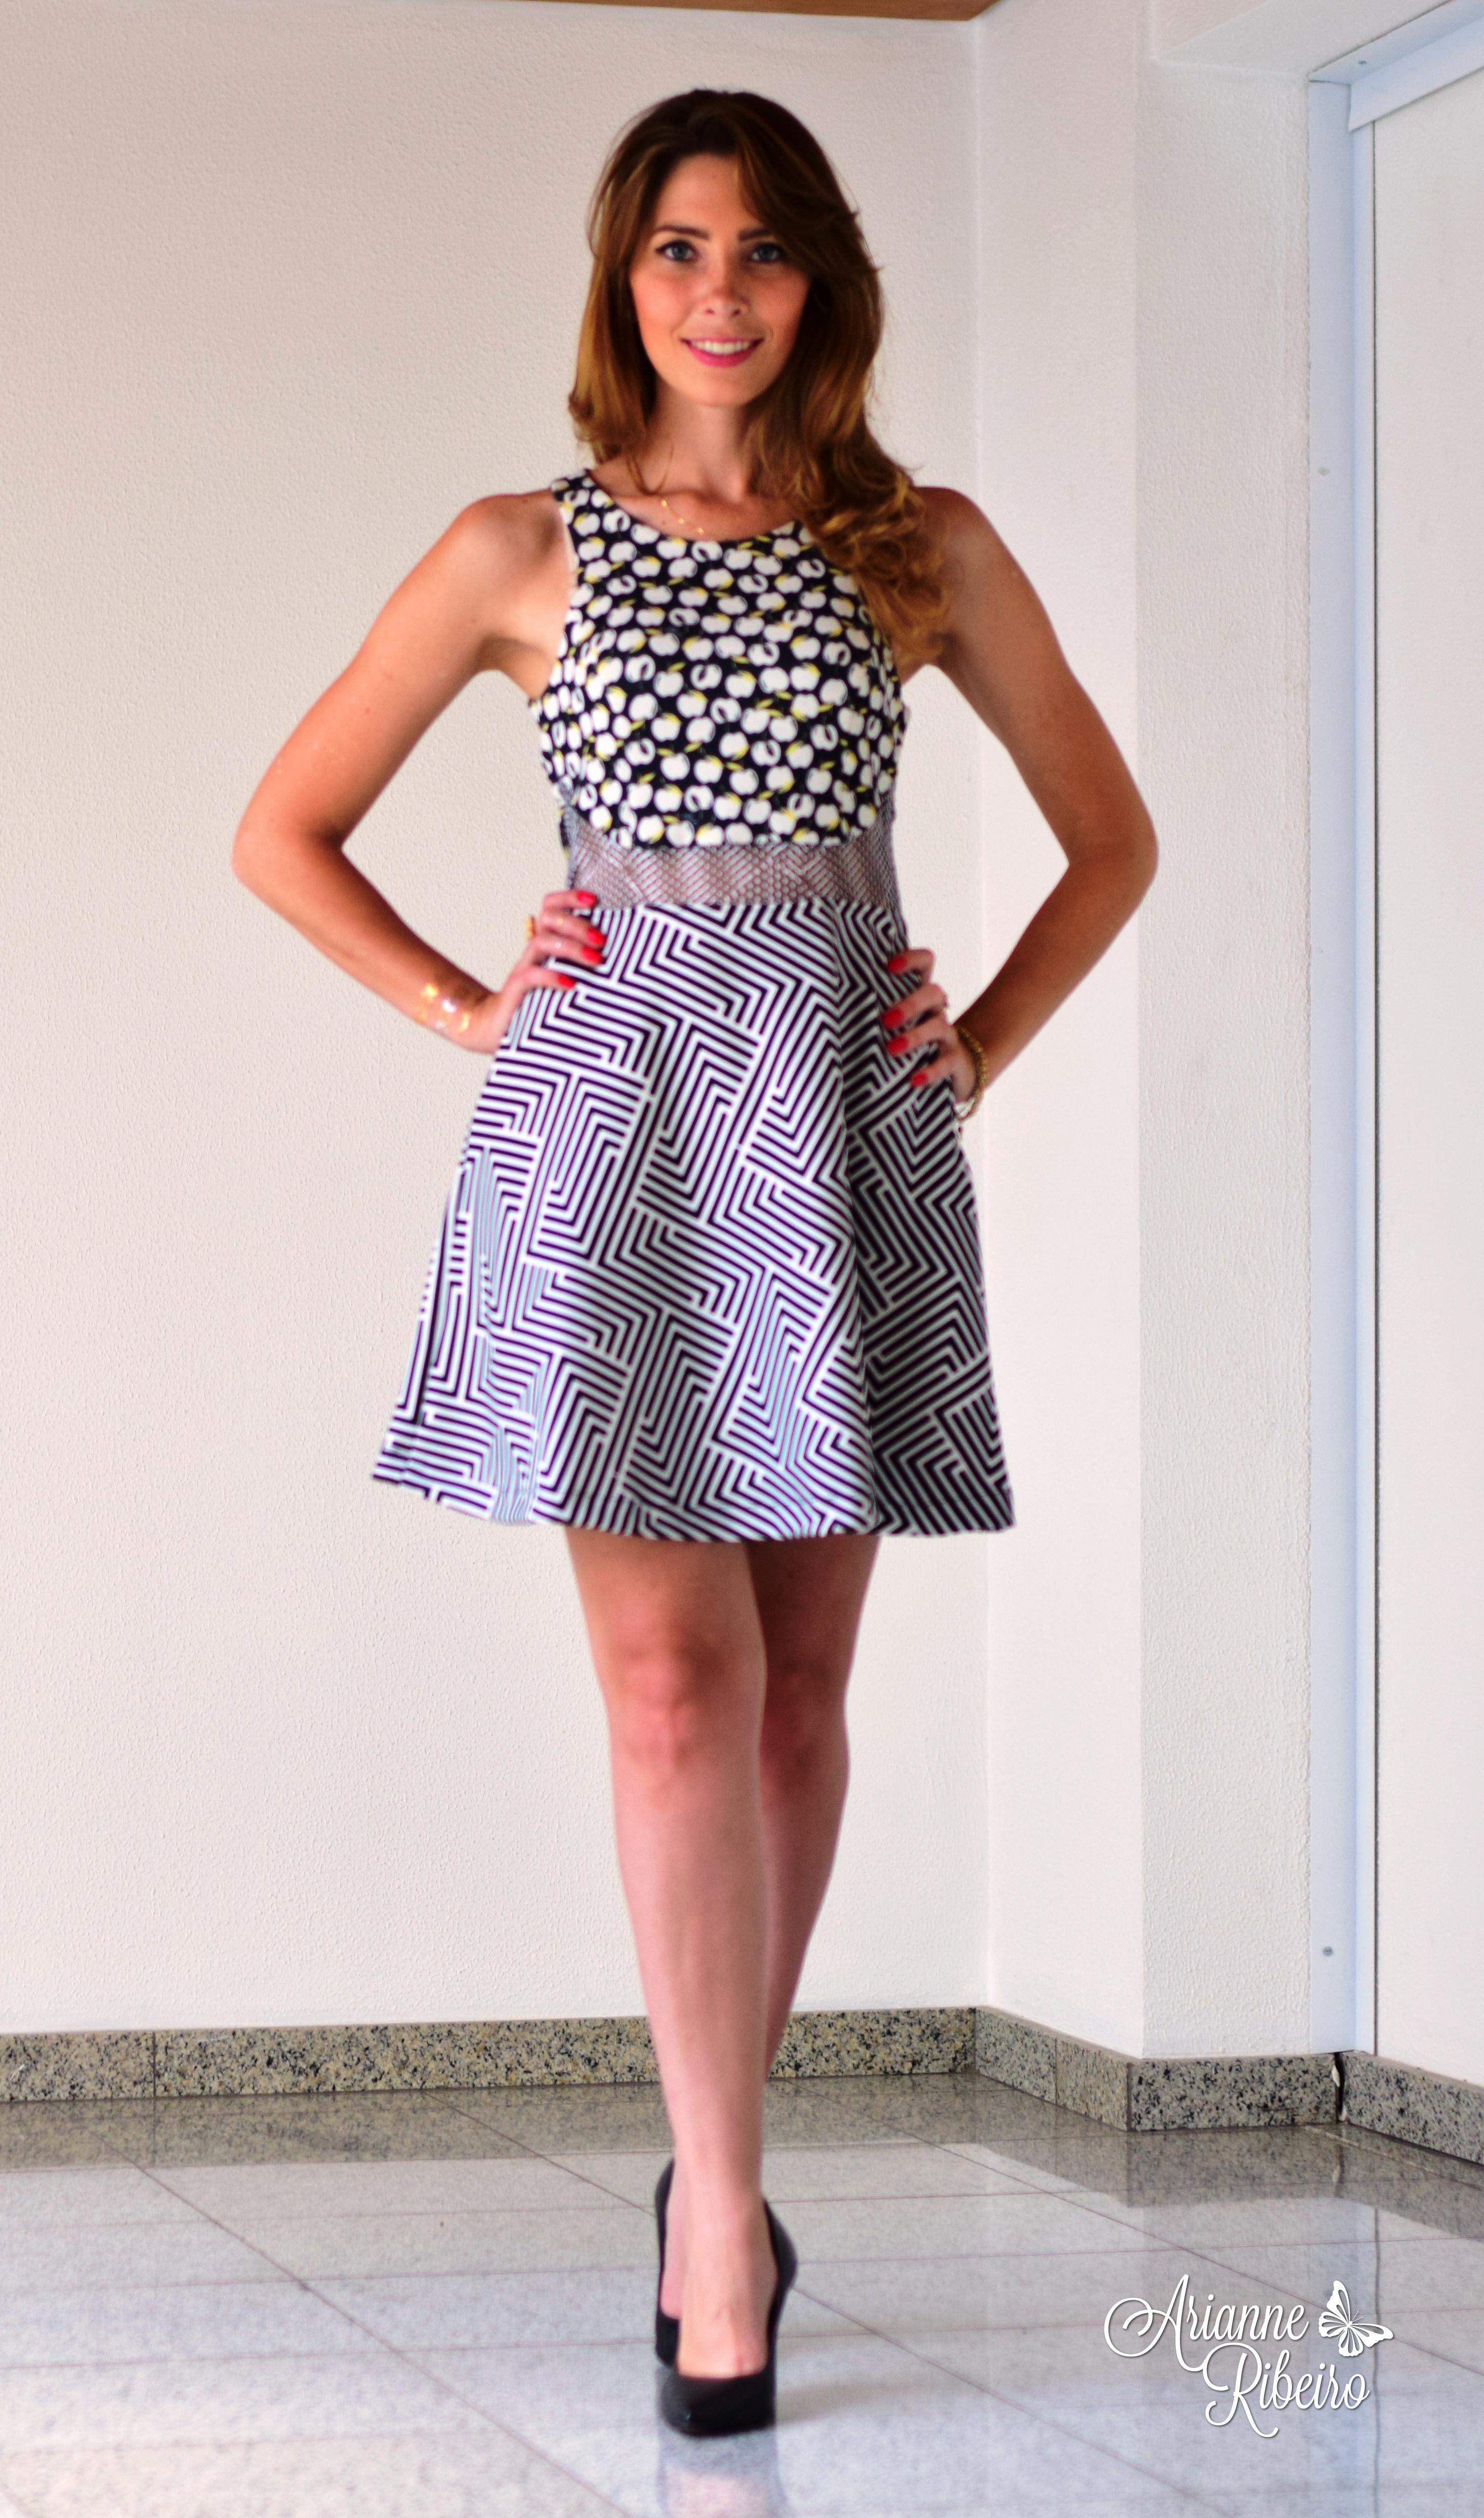 Sttudio Moda 002 _ Arianne Ribeiro